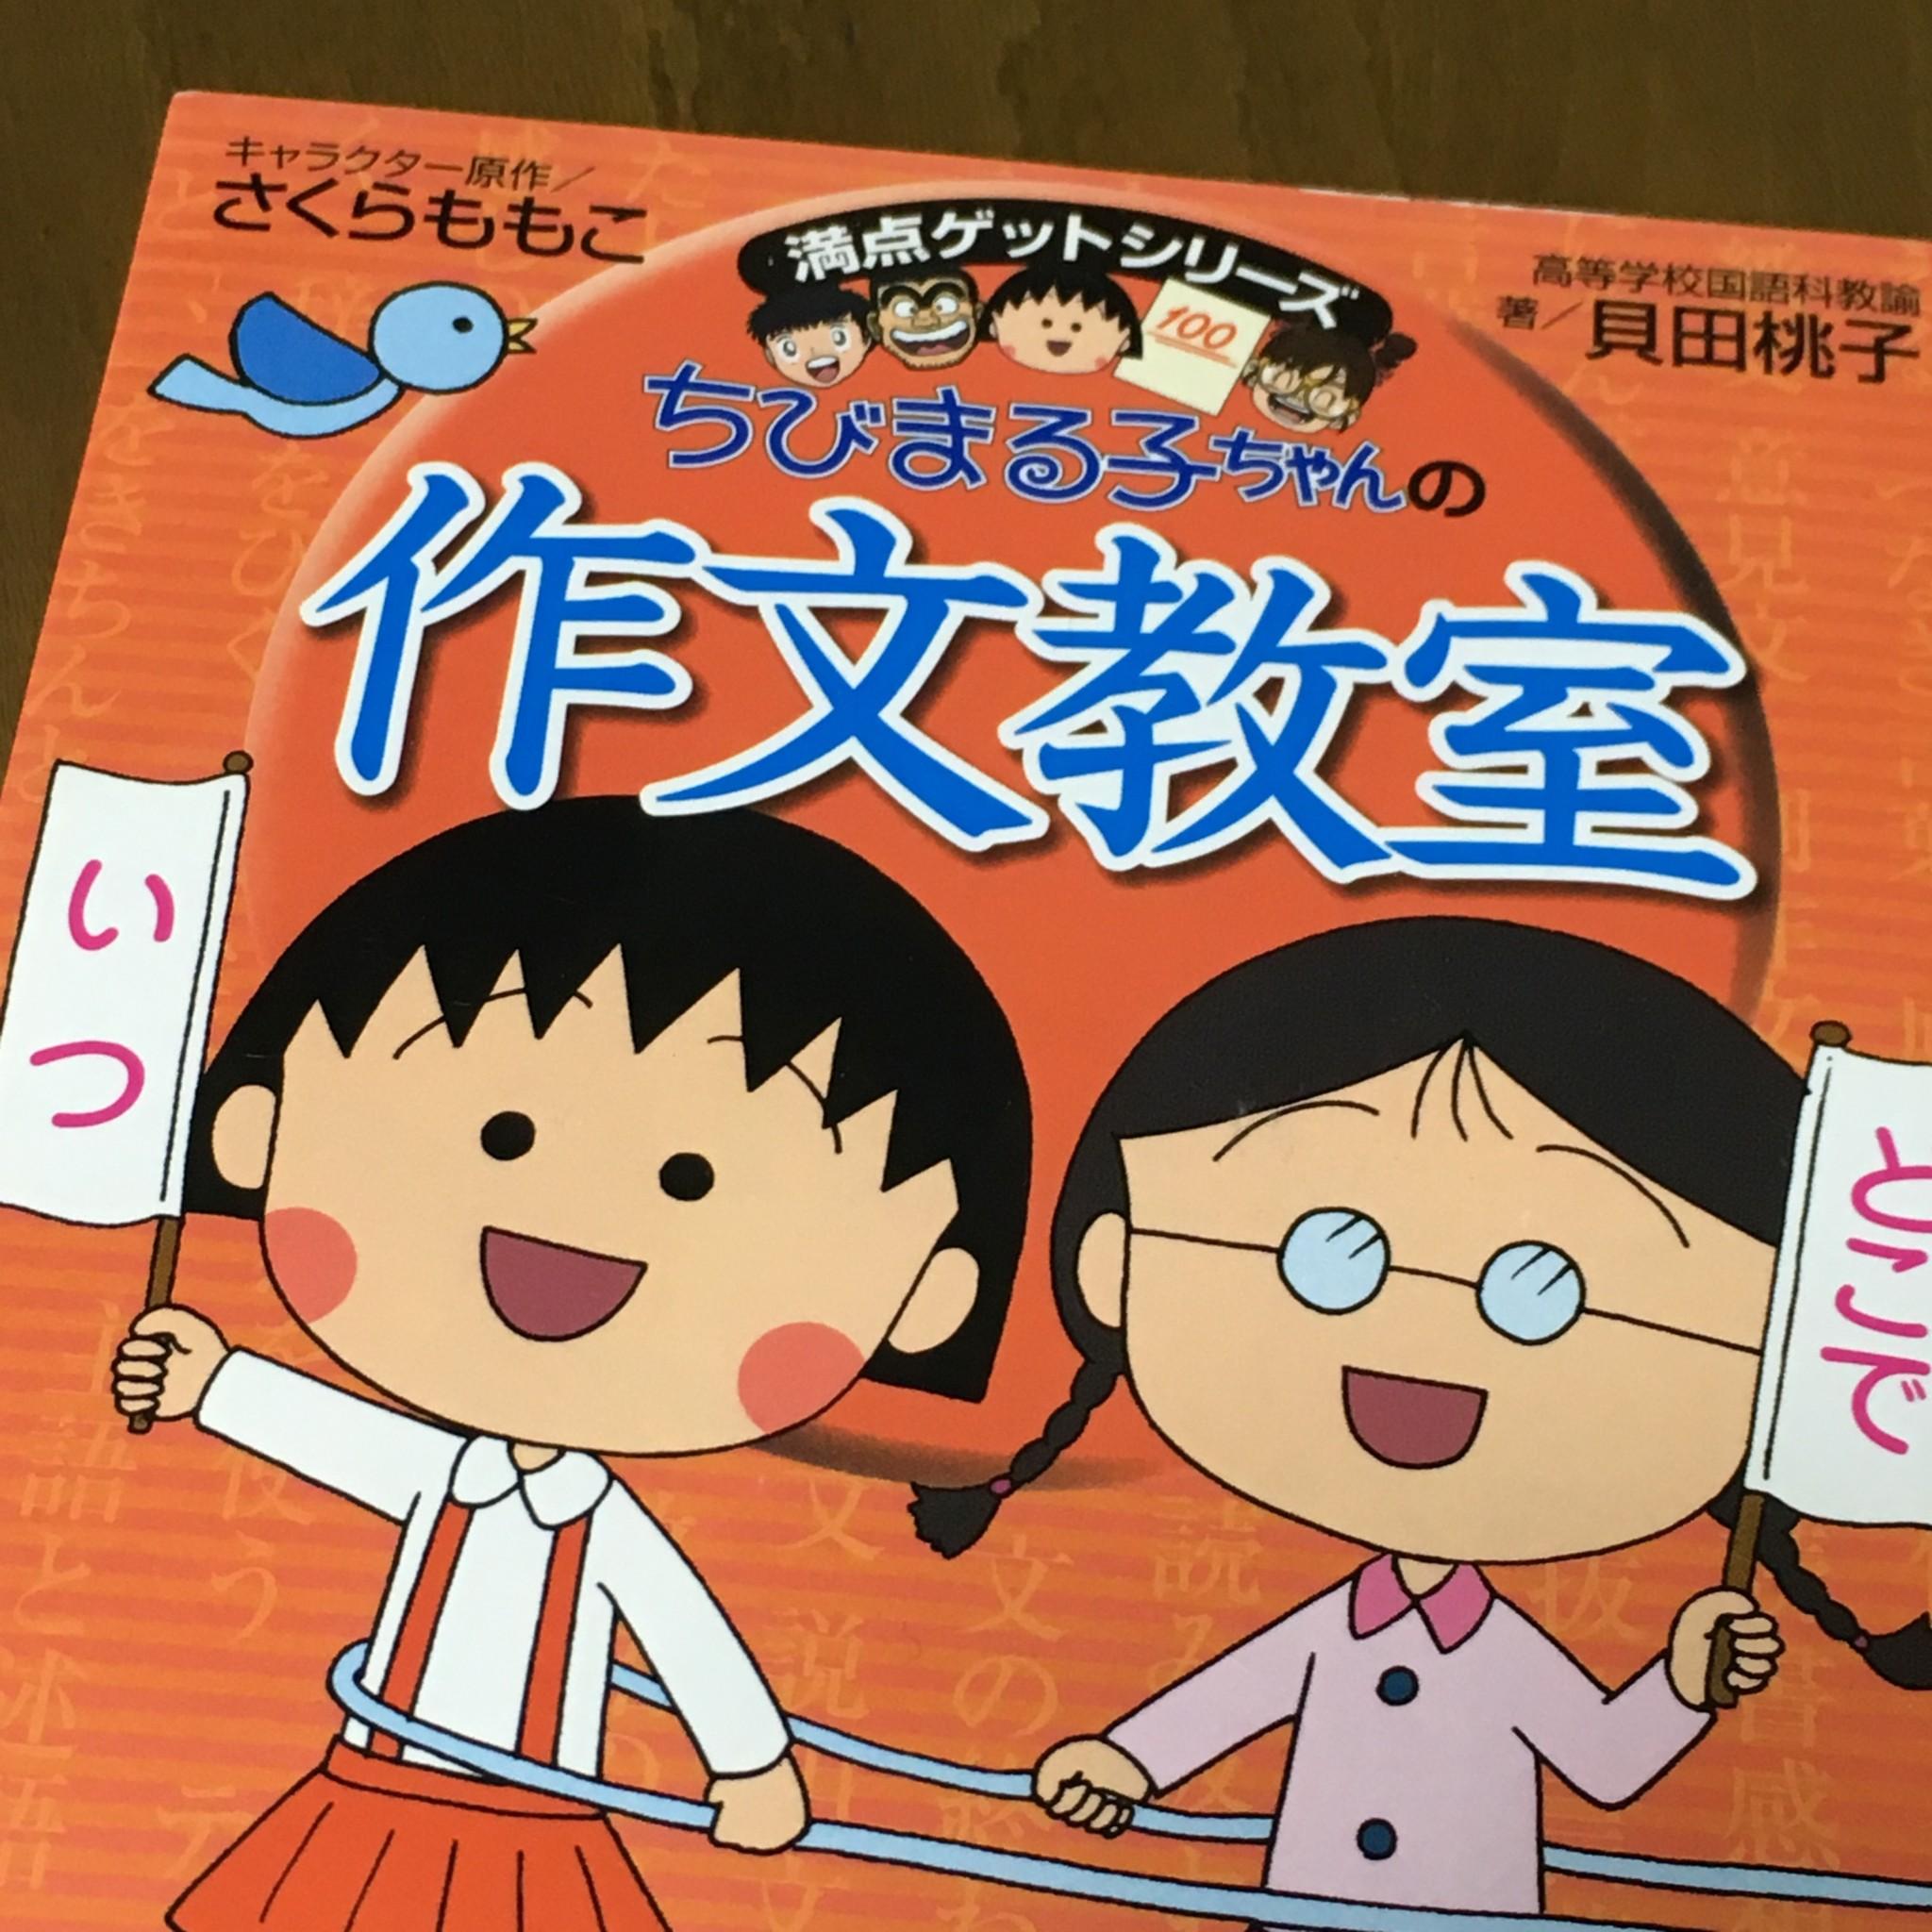 「ちびまる子ちゃんの作文教室」を読んでいます。